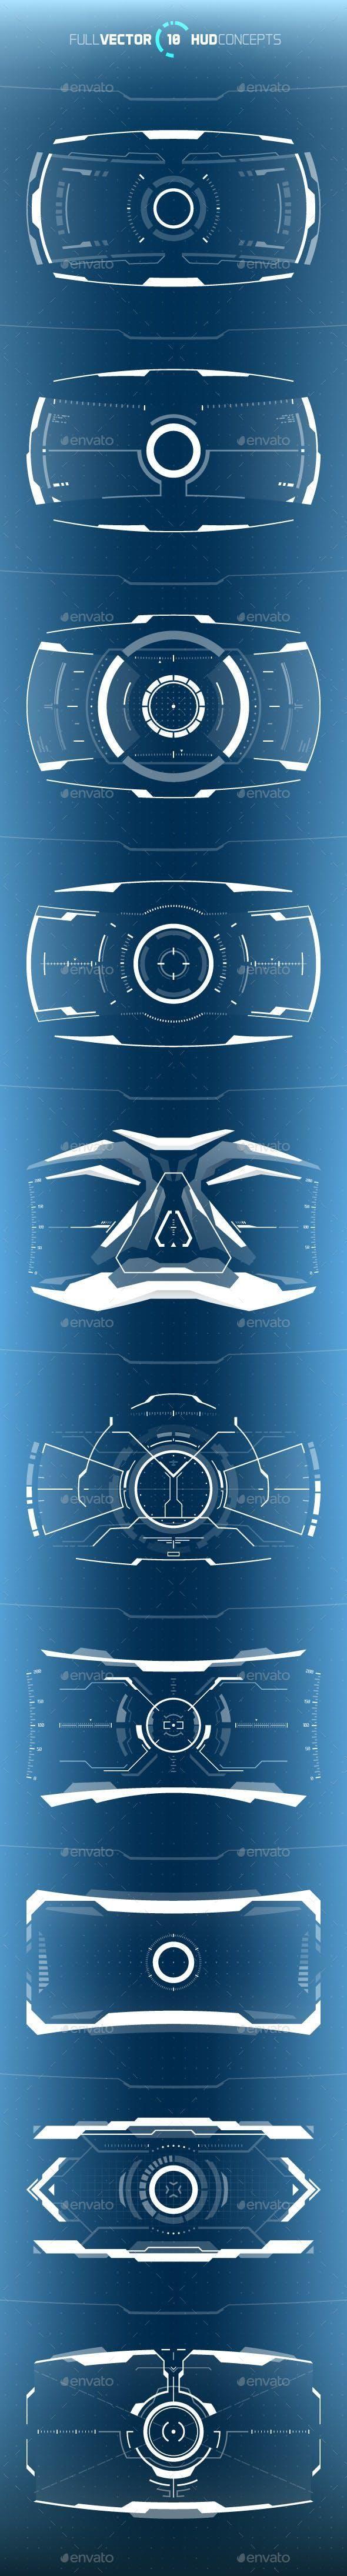 Conceptual 10 Hi-Tech HUD Set for $6 #ComputerIllustrations #TechnologyVectors #VectorDesign #vector